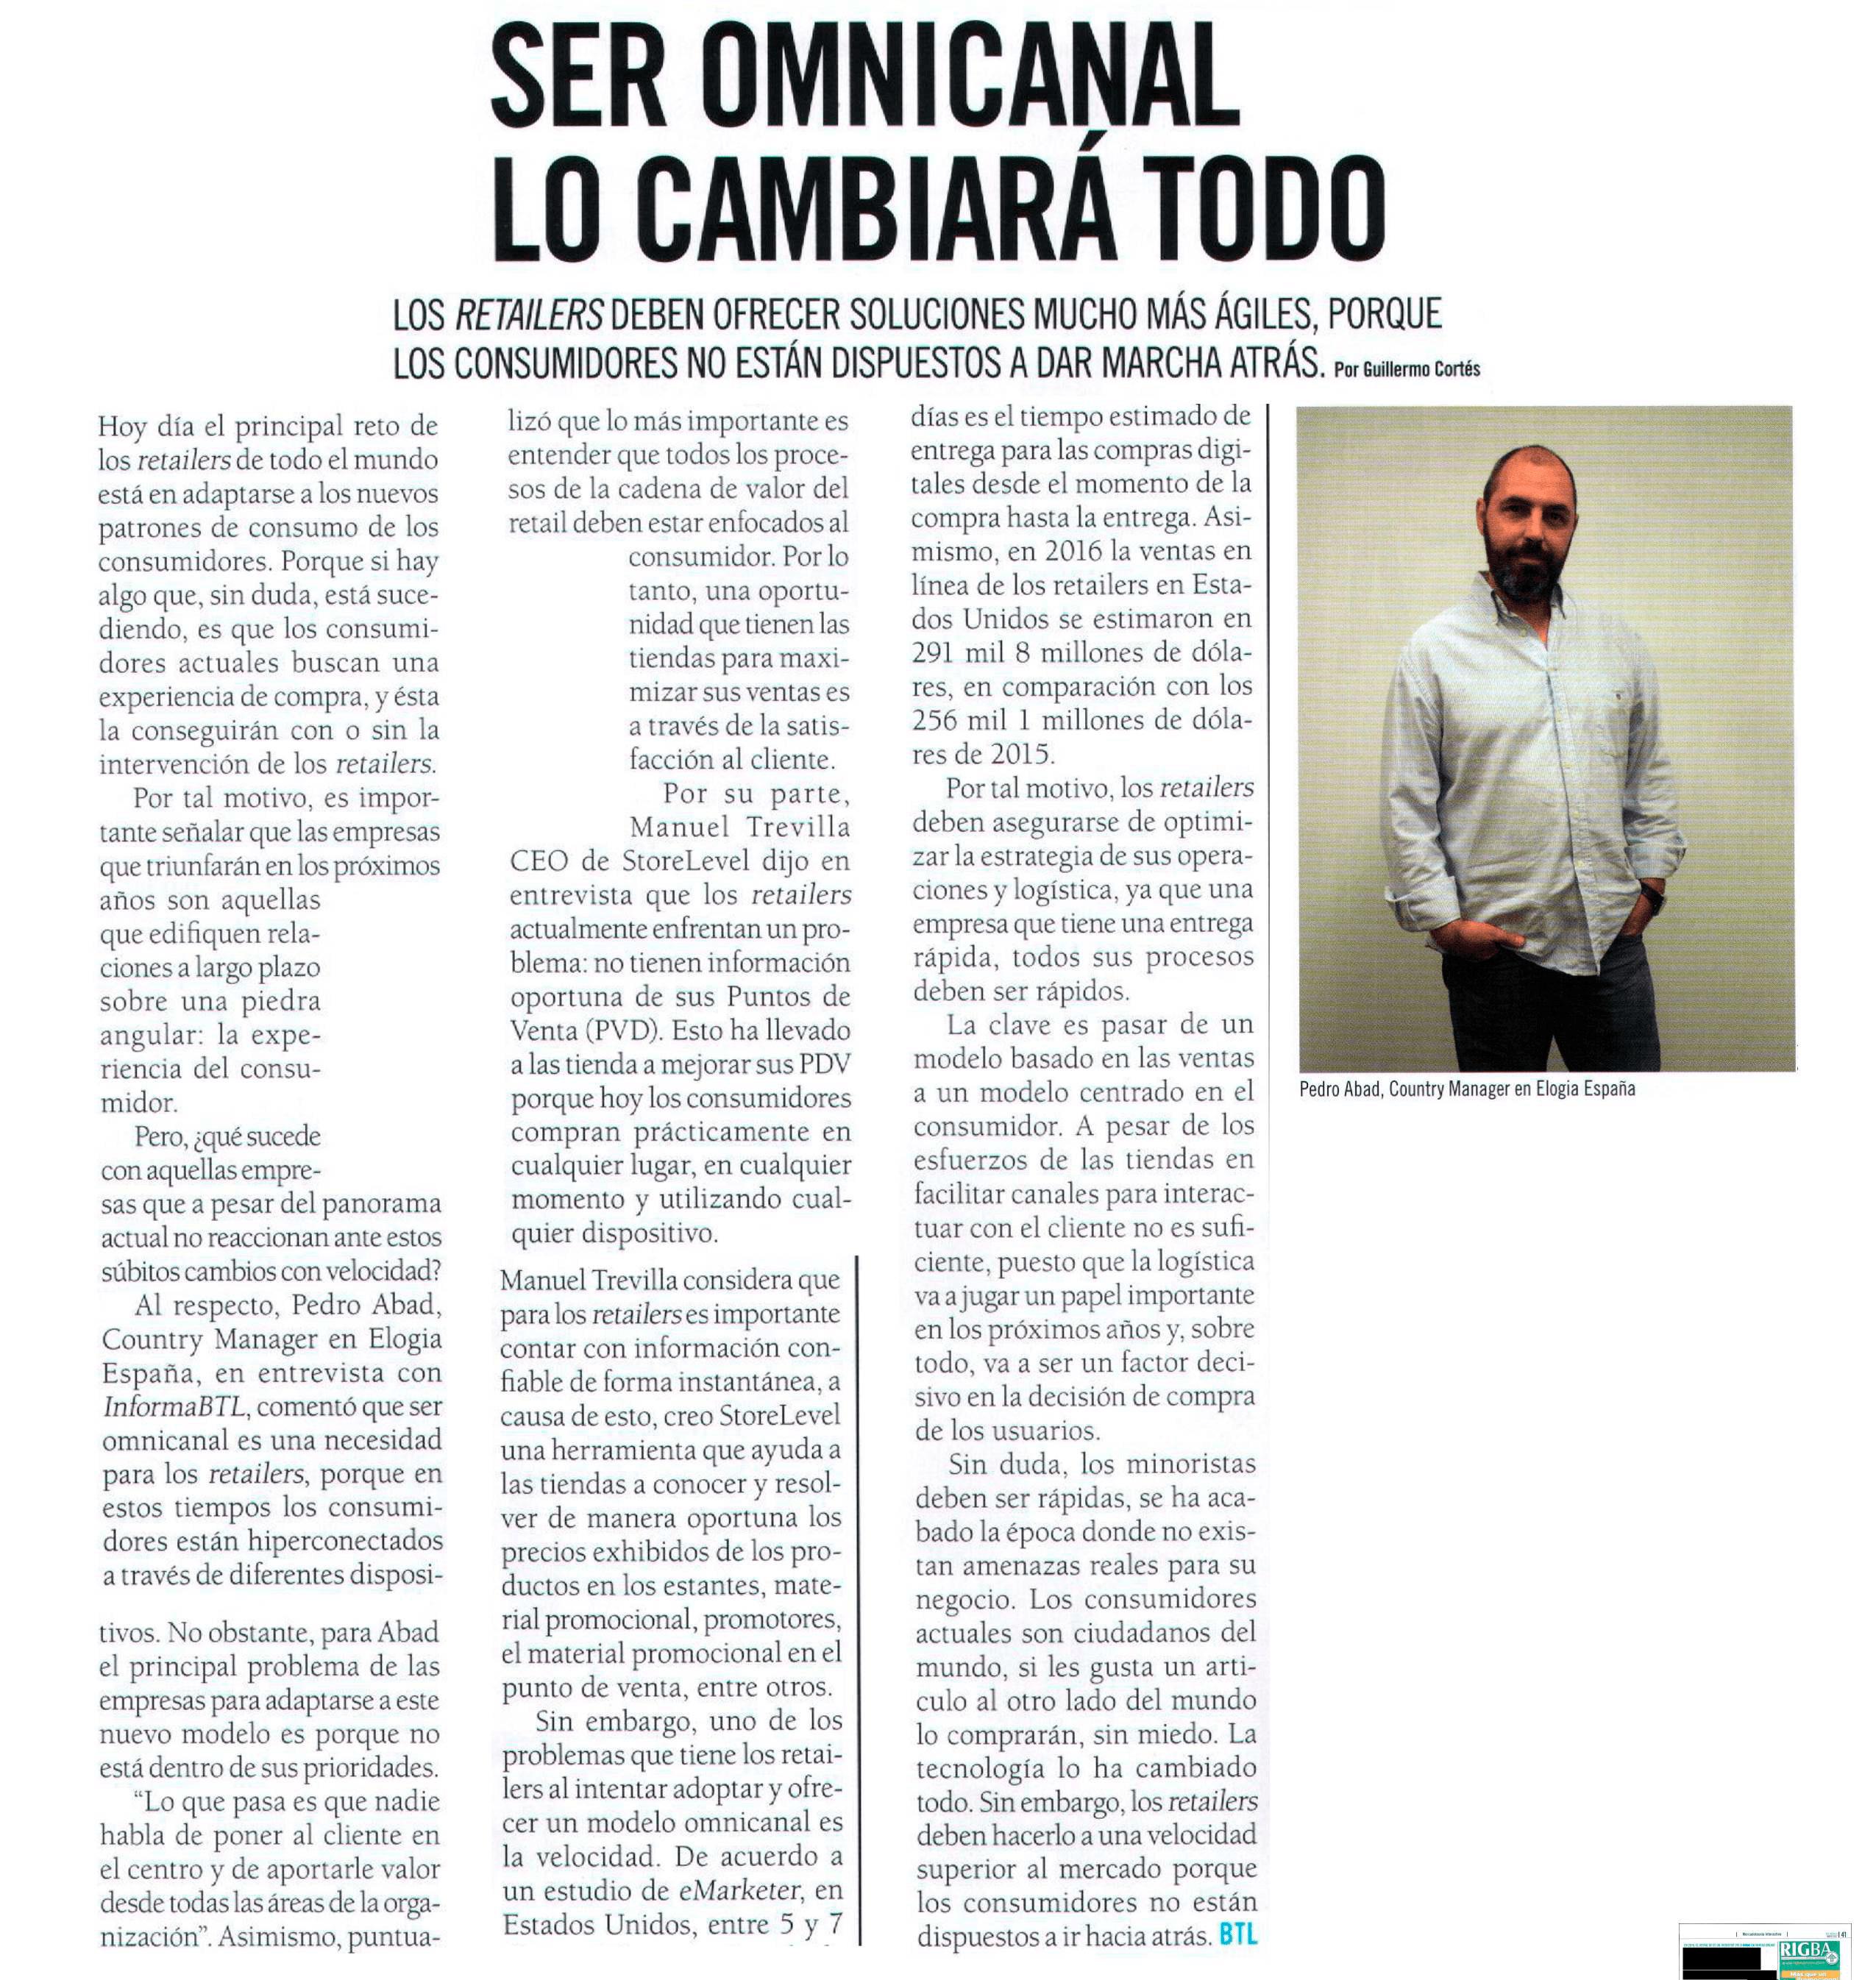 INFORMABTL_VIKO_PEDRO_ABAD_Articulo_op